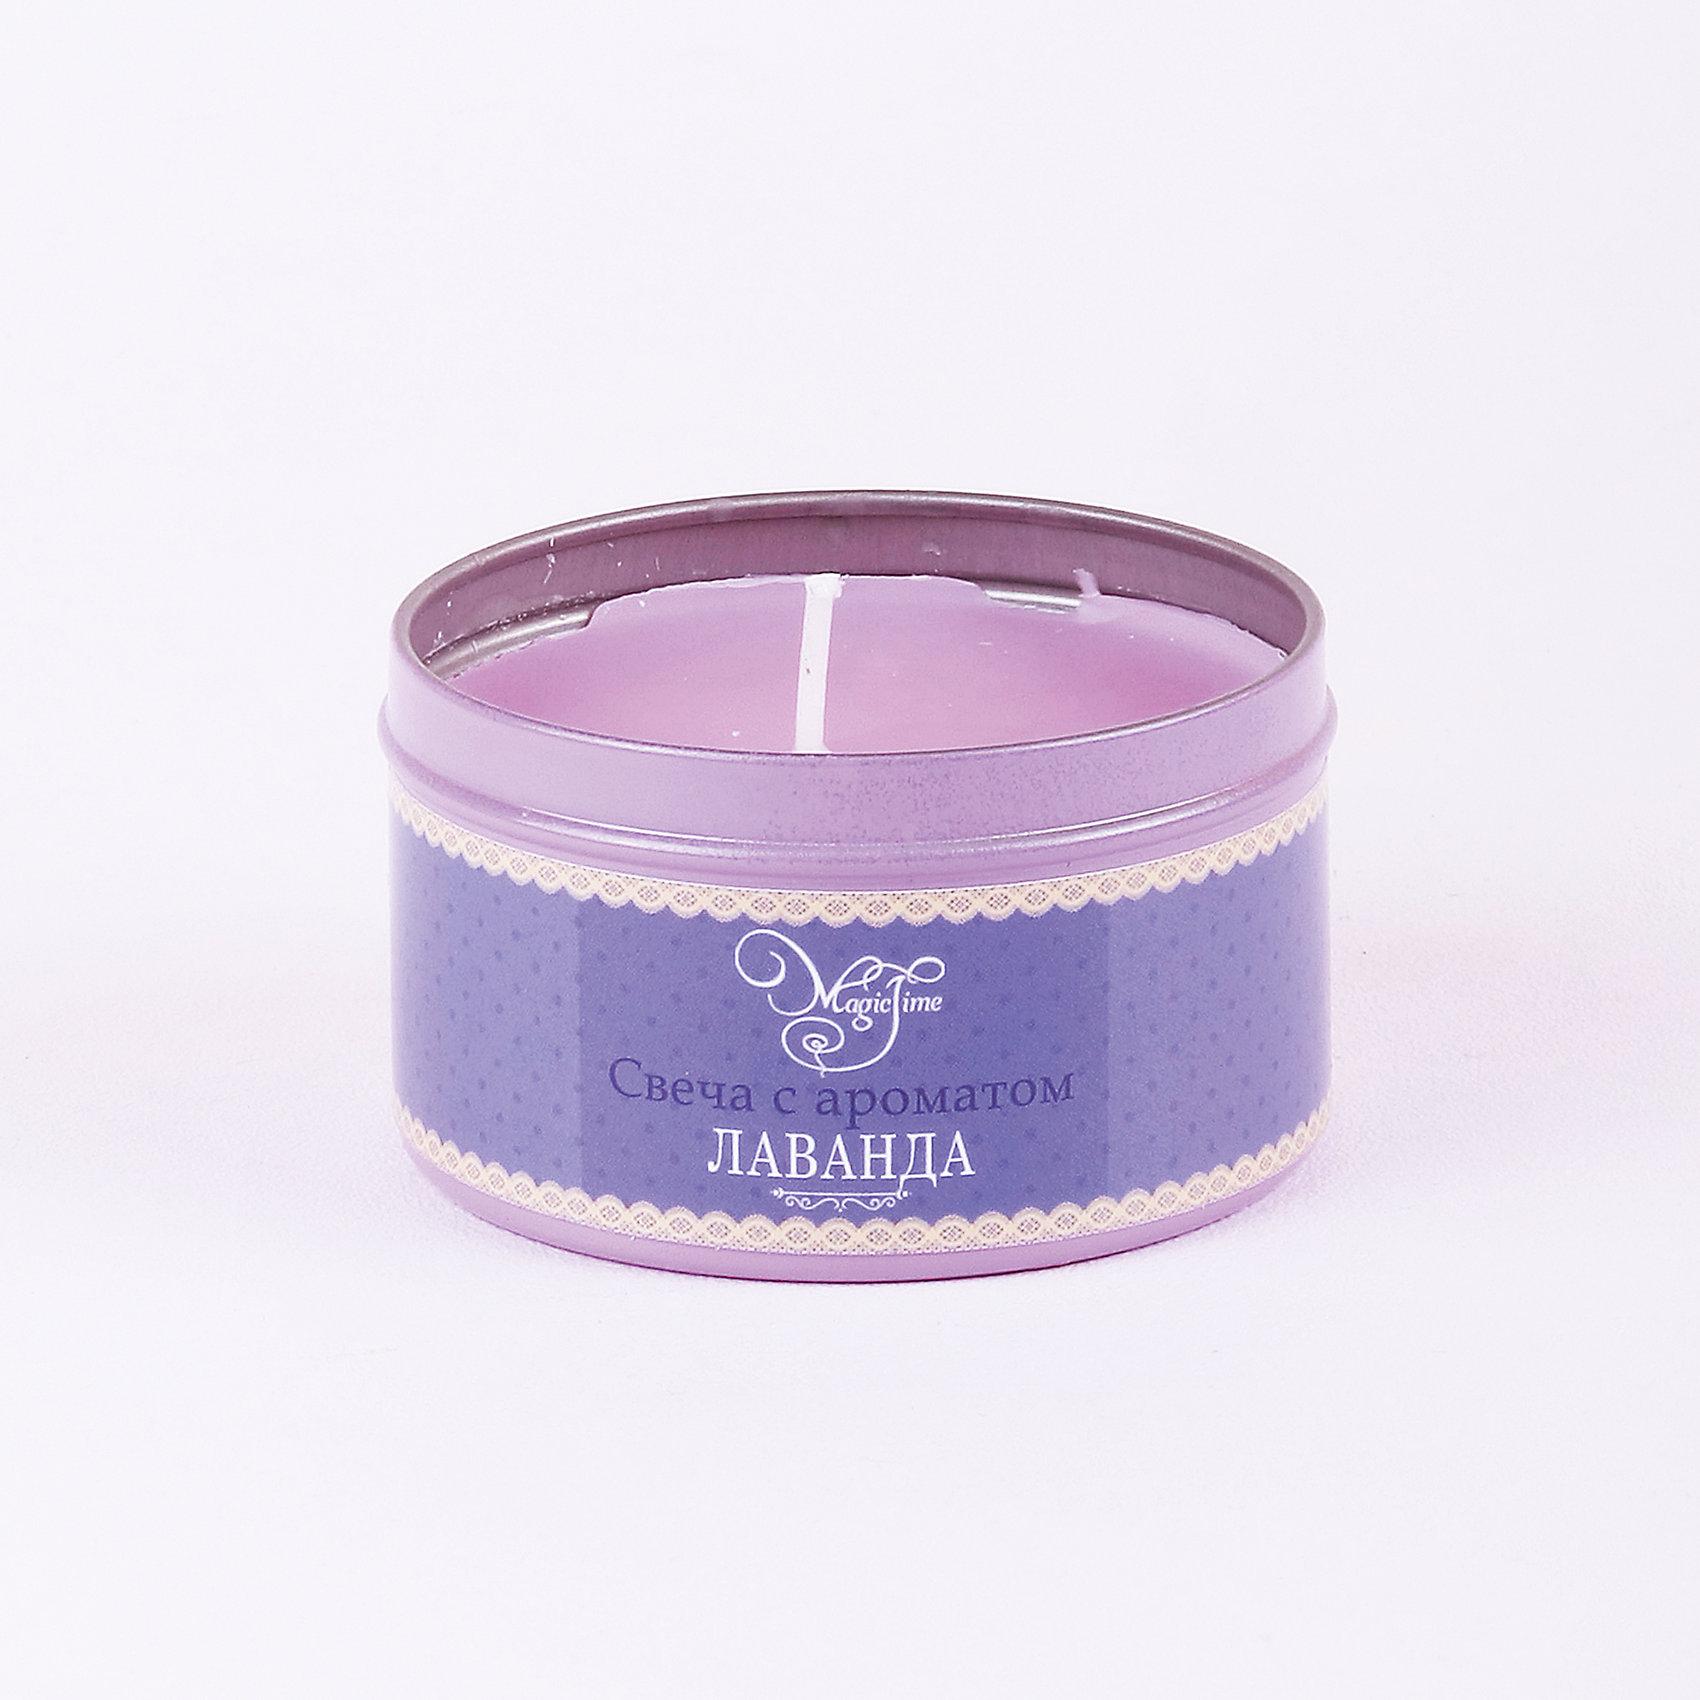 Свеча декоративная ароматизированная парафиновая с ароматом лаванды, Феникс-ПрезентВсё для праздника<br>Свеча декоративная ароматизированная парафиновая с ароматом лаванды, Феникс-Презент<br><br>Характеристики:<br><br>• оригинальная упаковка<br>• насыщенный аромат<br>• размер: 6х6х4 см<br>• аромат: лаванда<br>• материал: парафин, металл<br><br>Свеча с ароматом лаванды наполнит вашу комнату приятным ароматом и озарит ее красивым сиянием. Свеча упакована в жестяную банку. Это защитит поверхность стола или тумбы от излишних загрязнений. Красивое свечение и насыщенный аромат добавят гармонии и уюта в атмосферу вашей комнаты.<br><br>Свечу декоративную ароматизированную парафиновую с ароматом лаванды, Феникс-Презент.<br><br>Ширина мм: 40<br>Глубина мм: 60<br>Высота мм: 60<br>Вес г: 88<br>Возраст от месяцев: 168<br>Возраст до месяцев: 2147483647<br>Пол: Унисекс<br>Возраст: Детский<br>SKU: 5449616